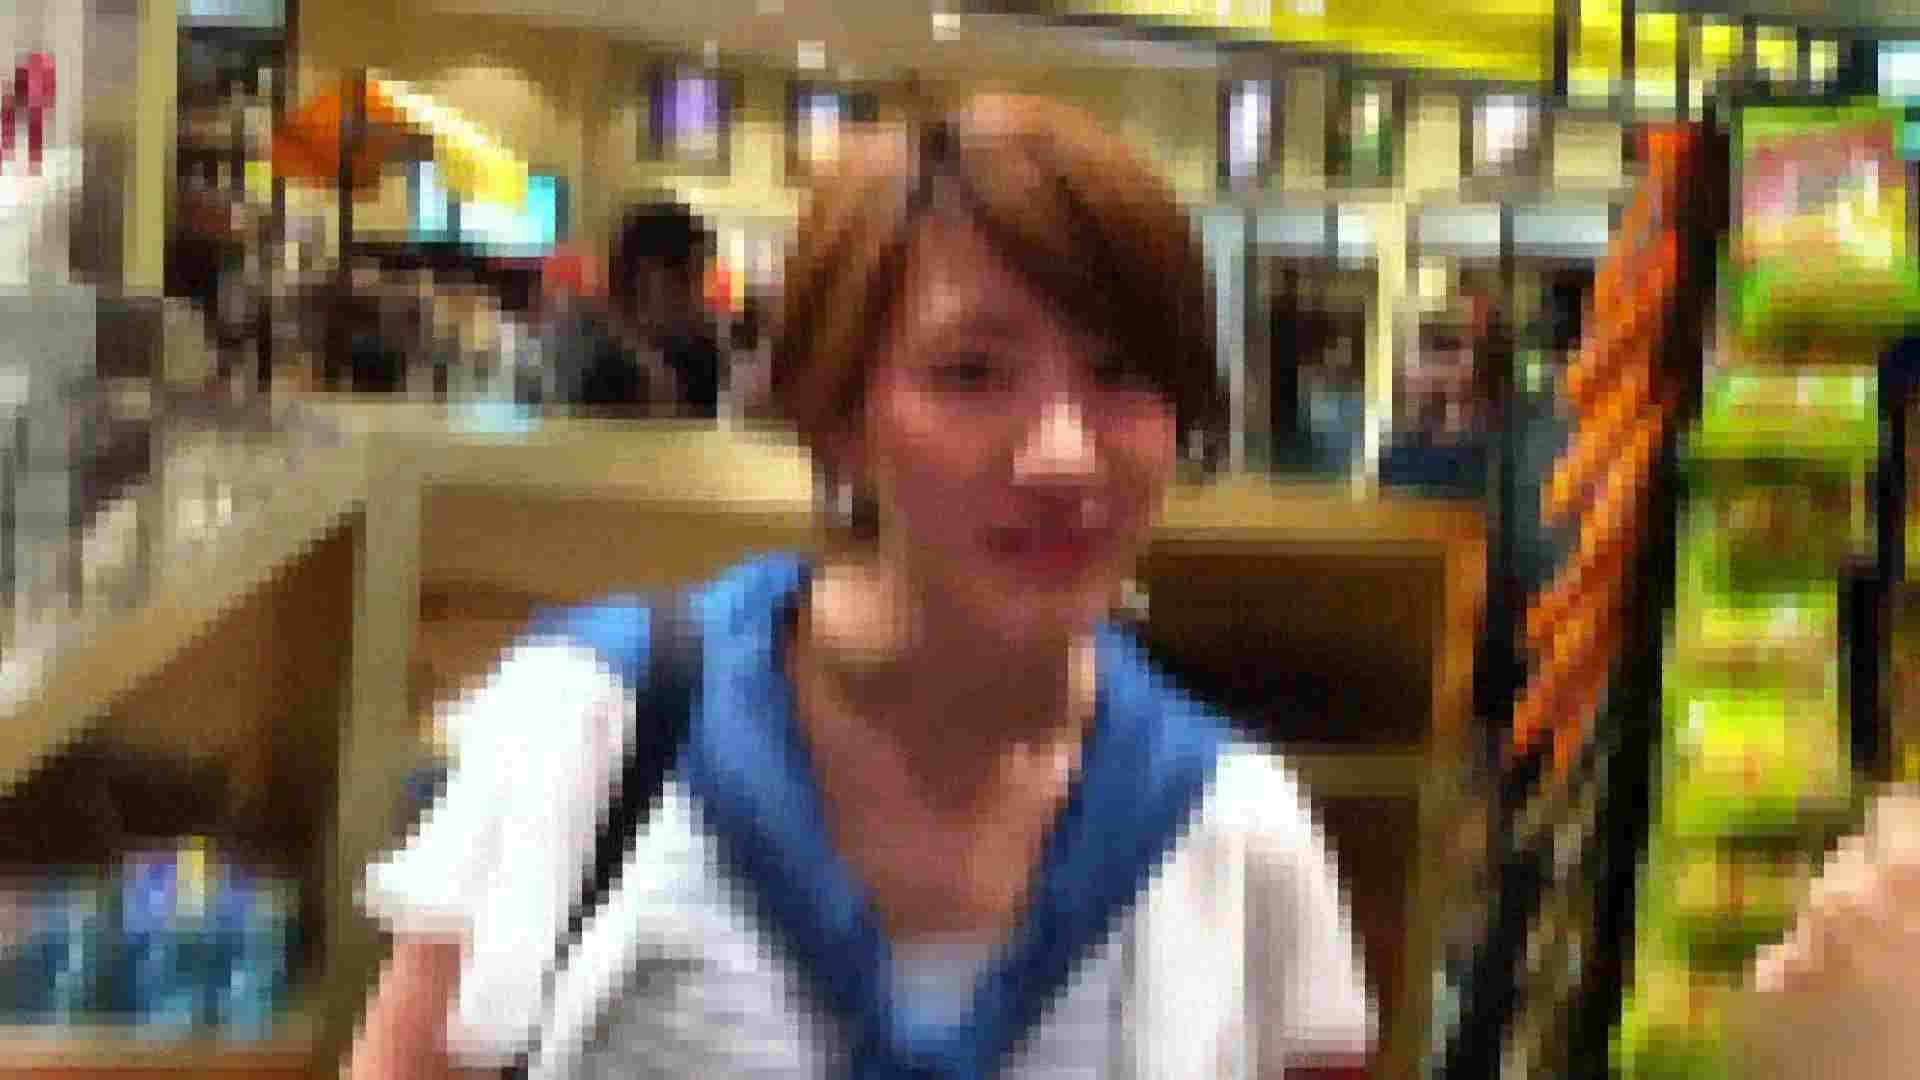 ガールズパンチラストリートビューVol.028 ギャルのエロ動画 オマンコ無修正動画無料 95画像 34